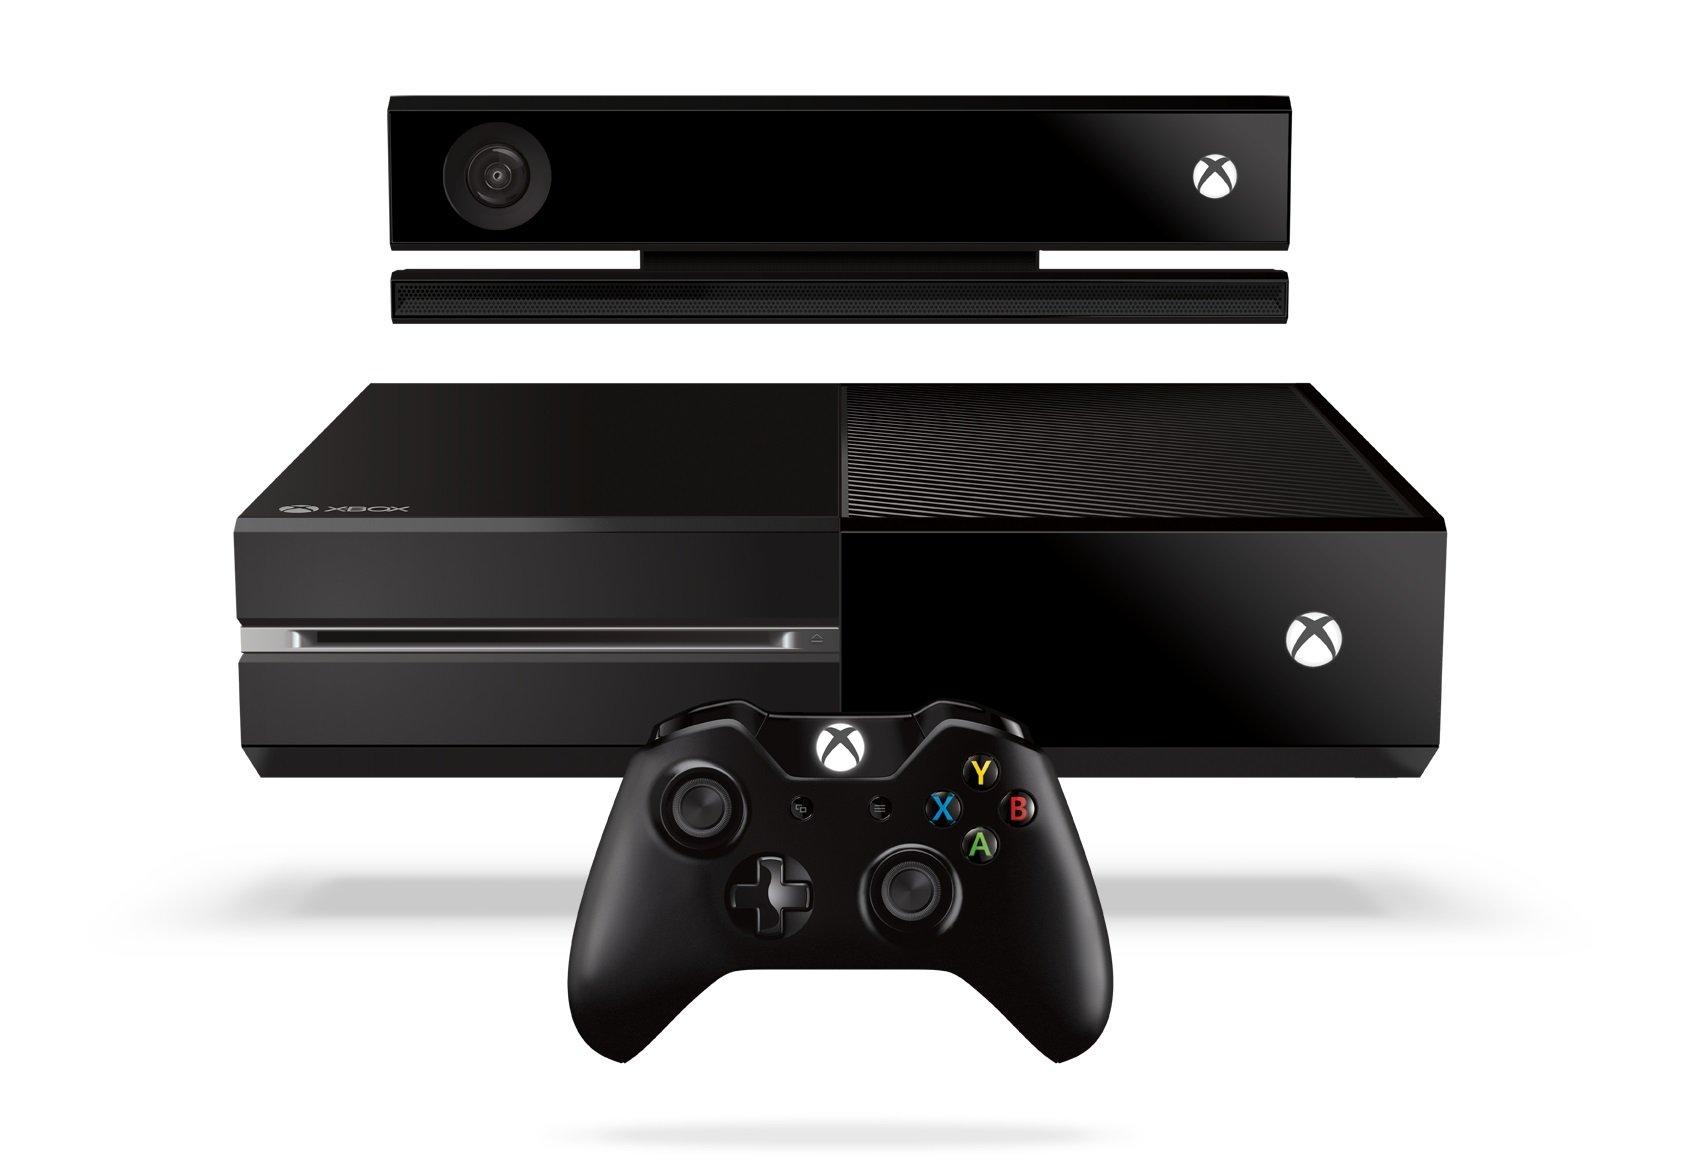 Xbox One Verkaufte Sich In Den Usa Zuletzt Besser Als Playstation 4